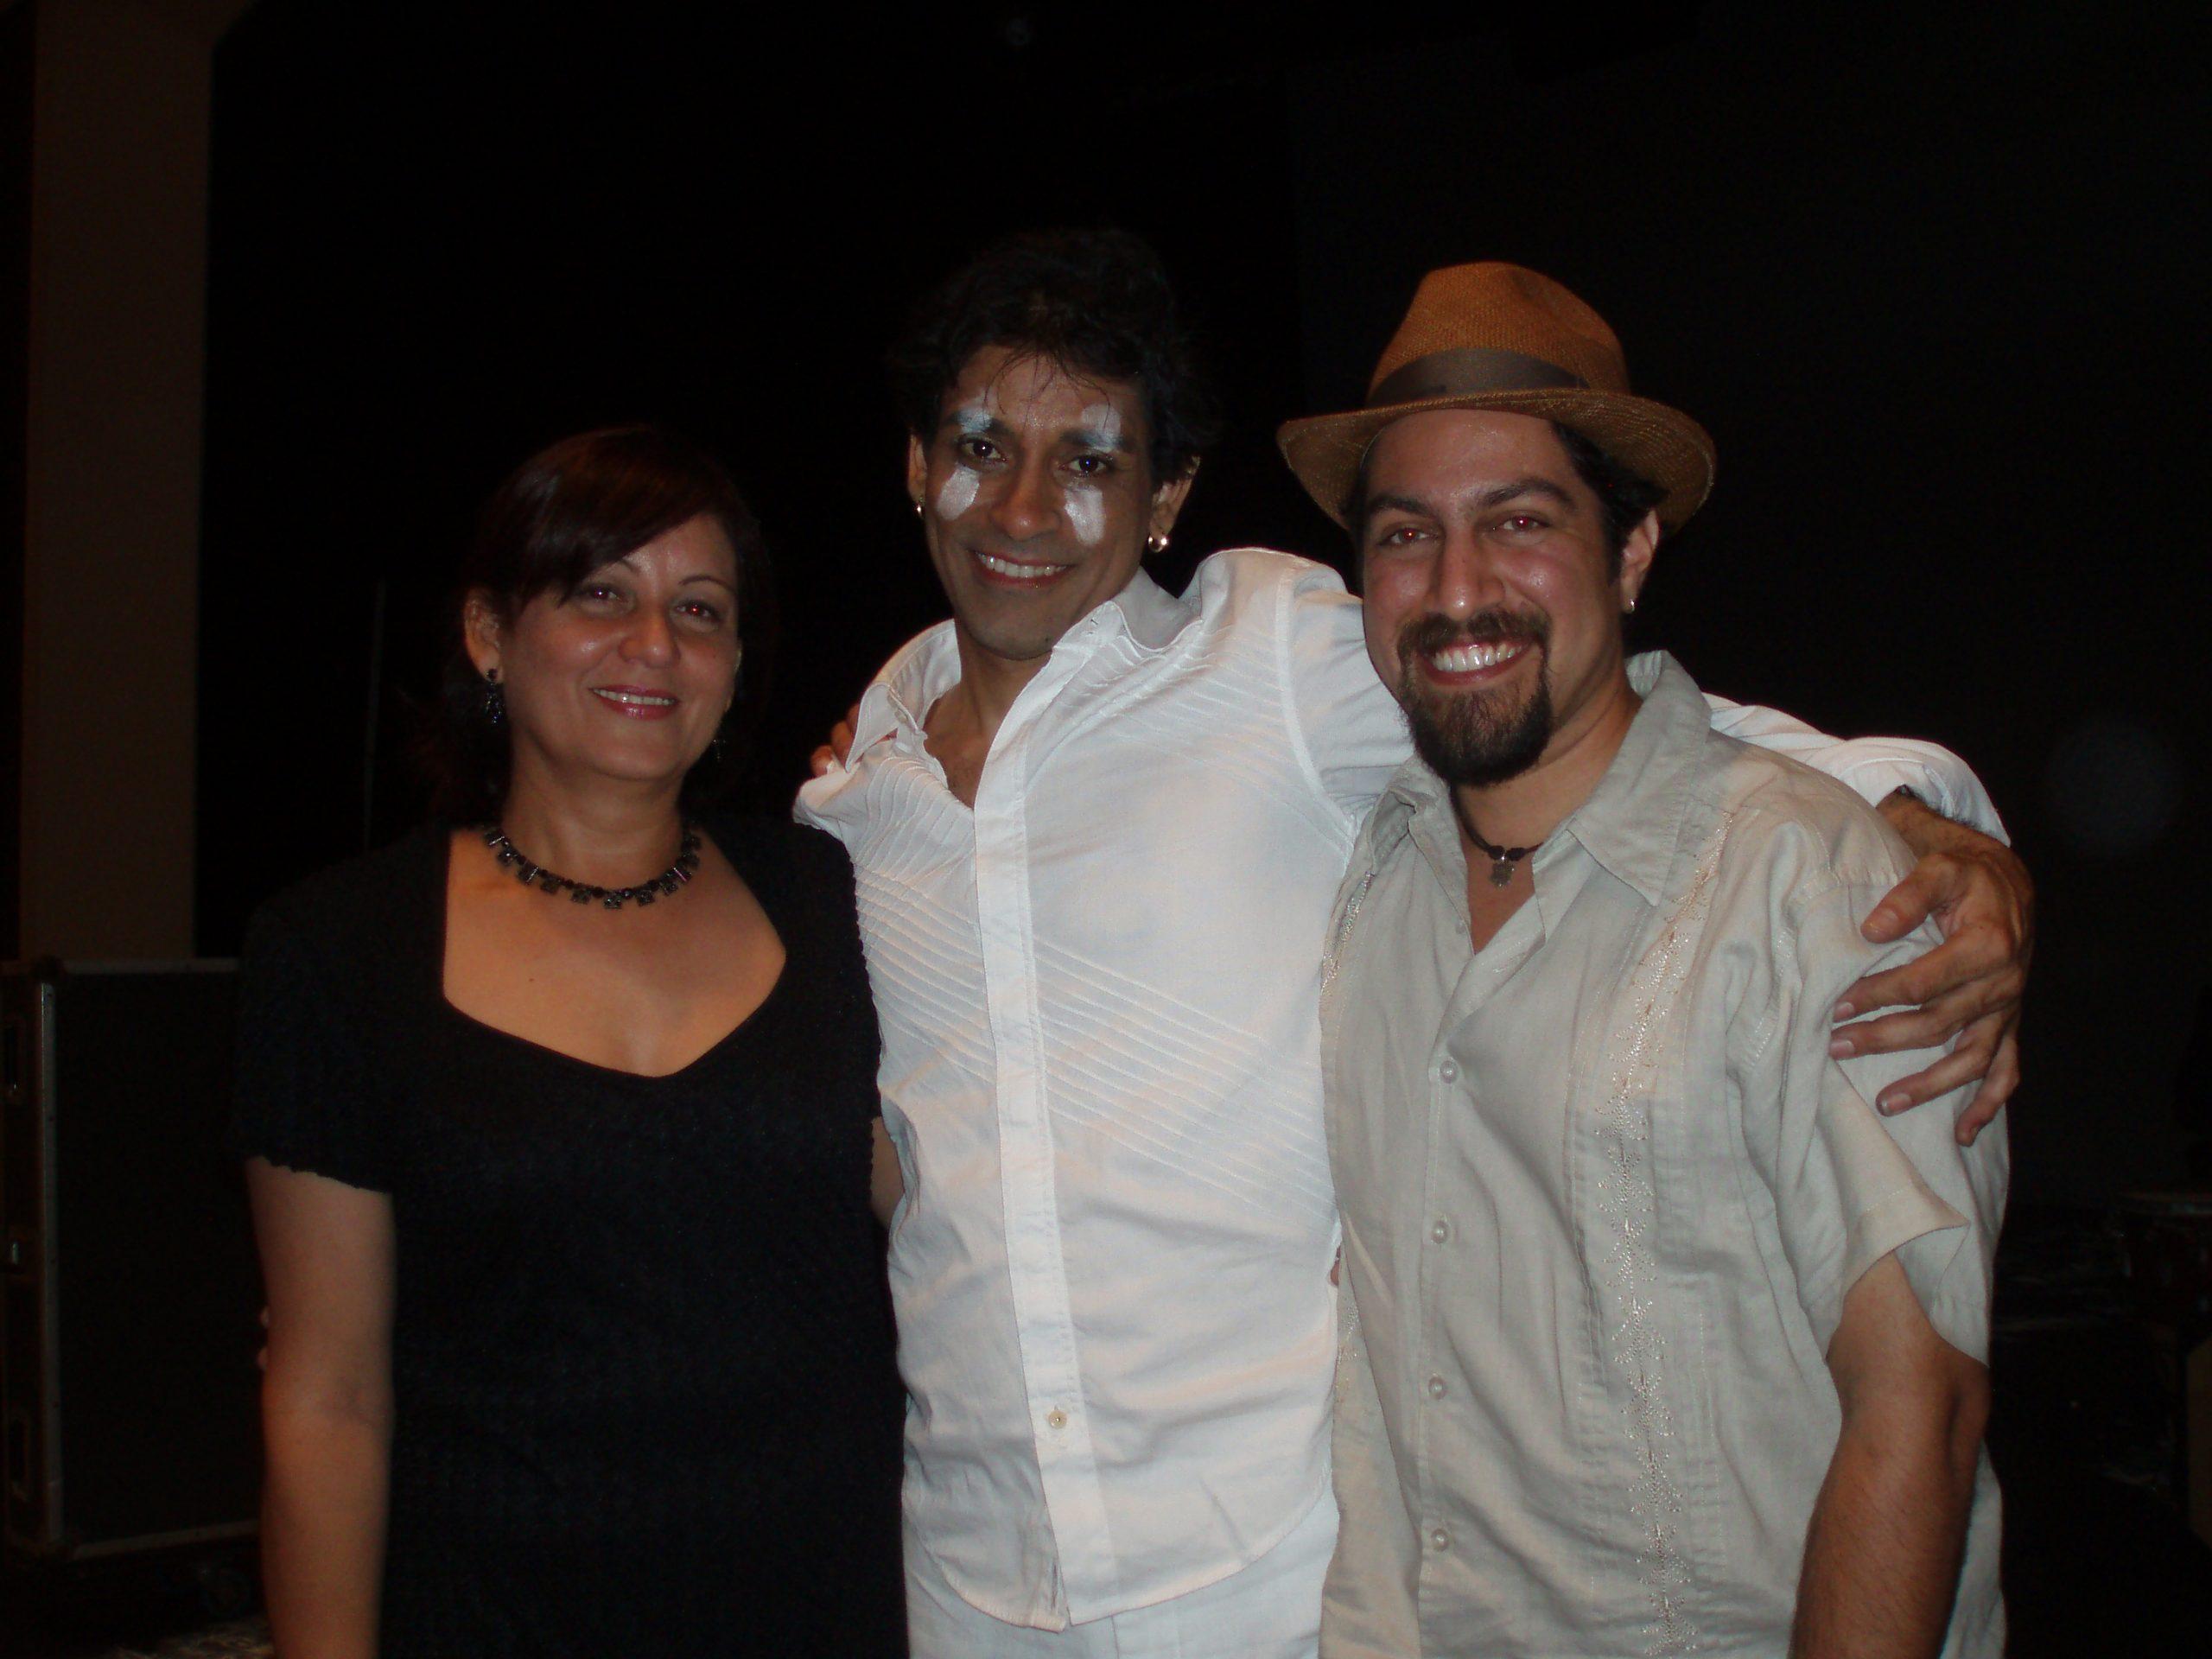 """La autora, Elma Beatriz Rosado, Miguel Rivera (Mikie) y Carlos Javier Vázquez (Cj) al terminar el concierto """"Alegato de locura"""", Teatro Raúl Juliá, Museo de Arte de Puerto Rico. (Foto suministrada)"""